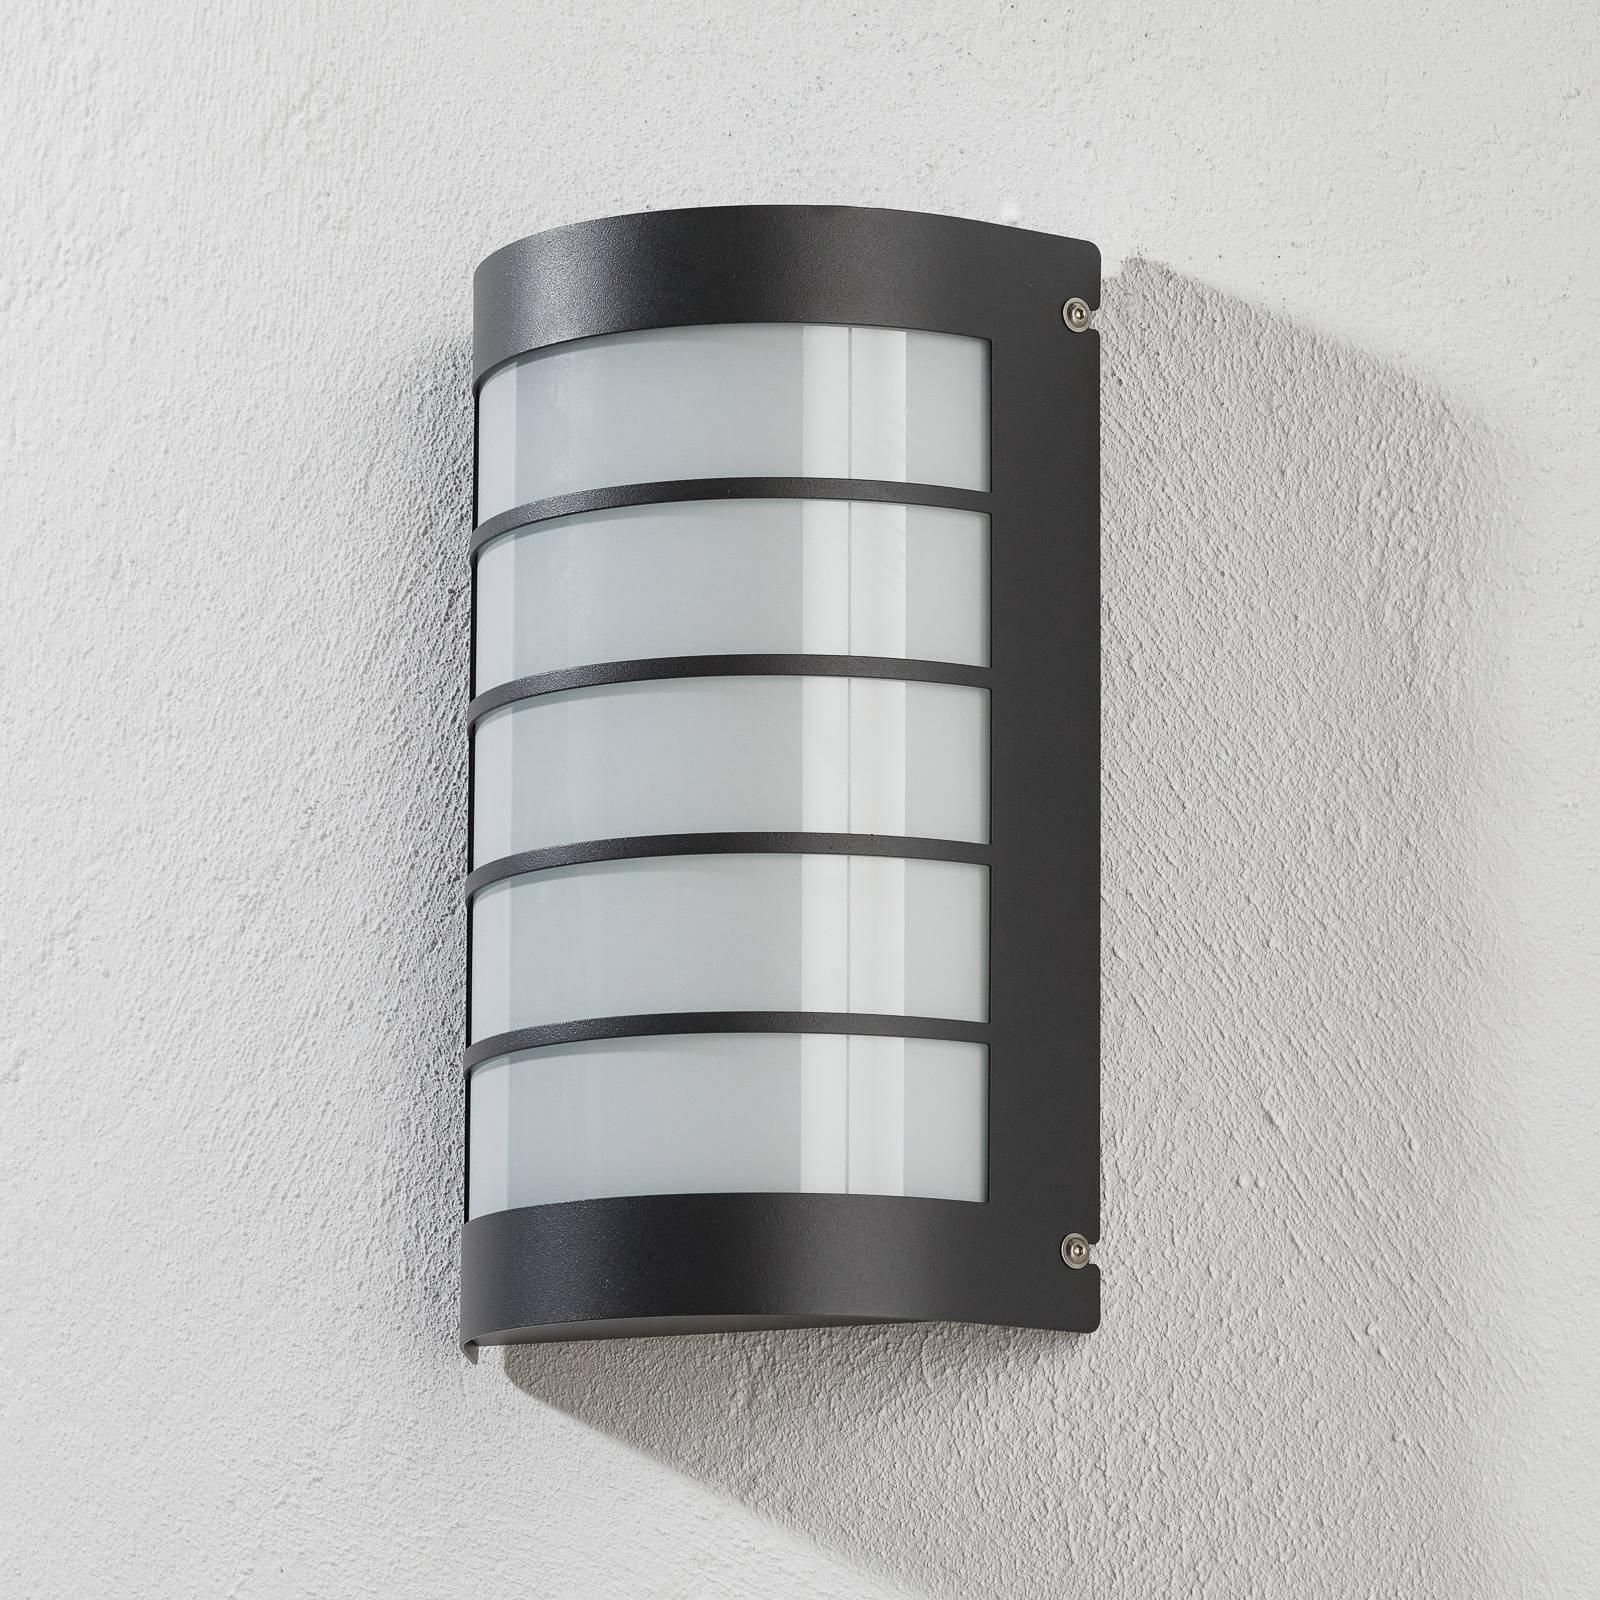 Sensor-LED-lampe Aqua Marco med gitter, antrasitt